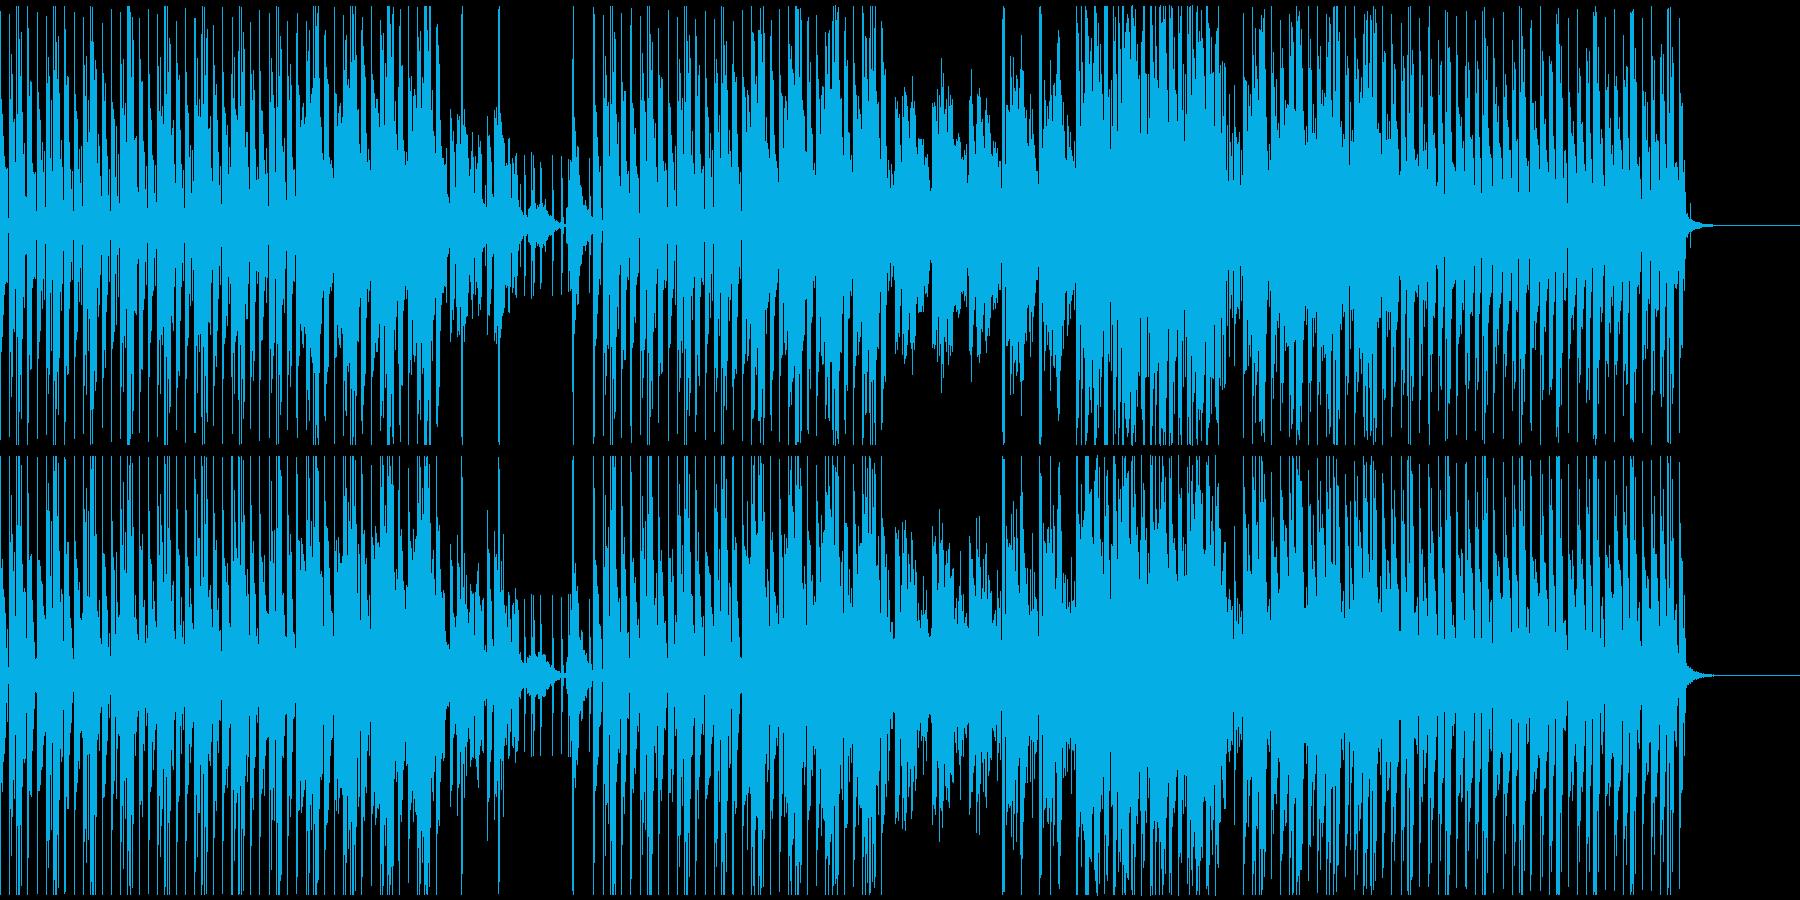 空気感のある癖のないテクノサウンドの再生済みの波形